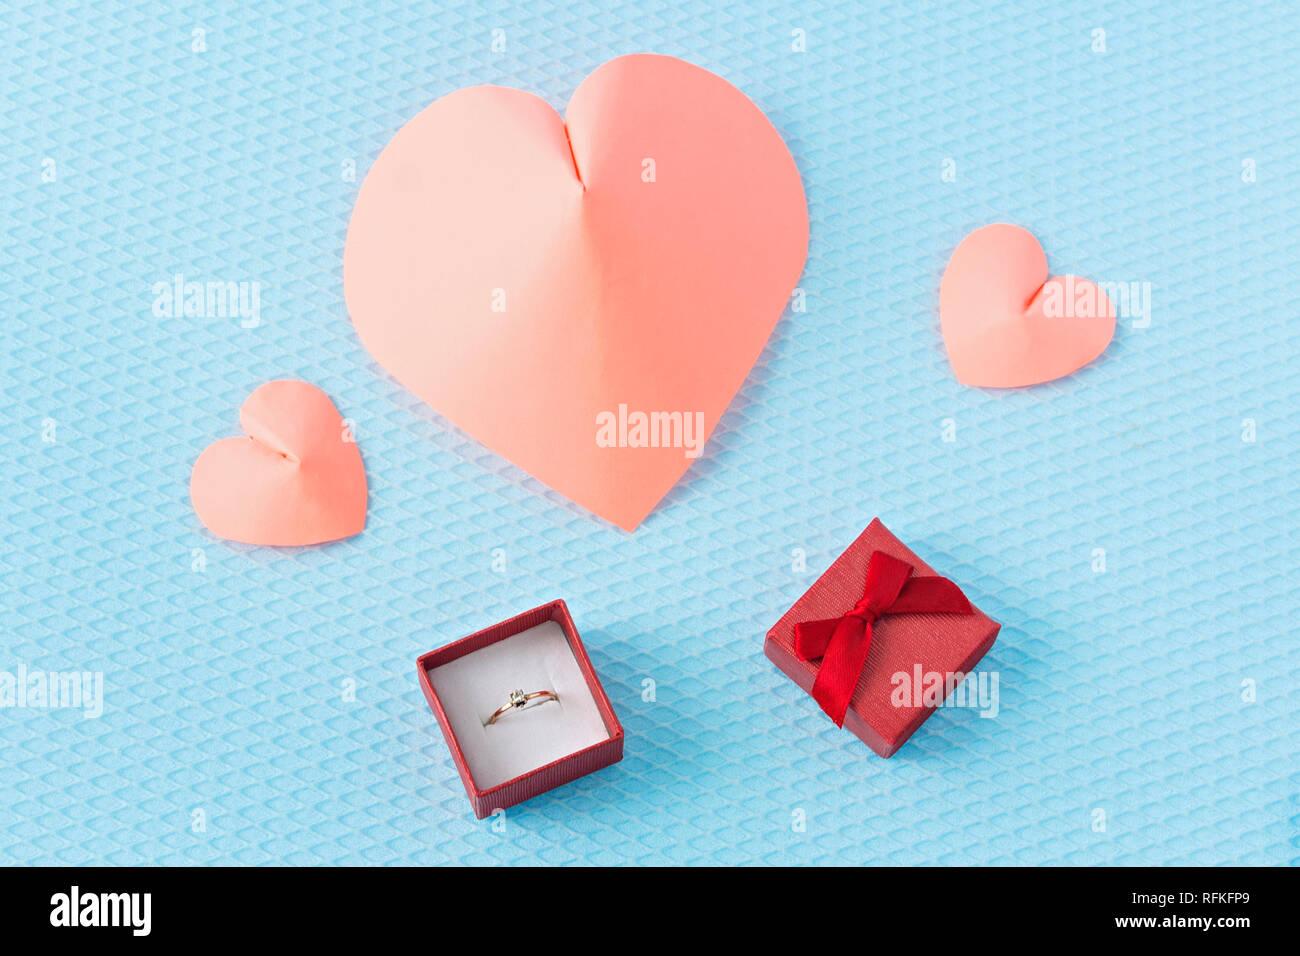 Valentinstag angebote fluge